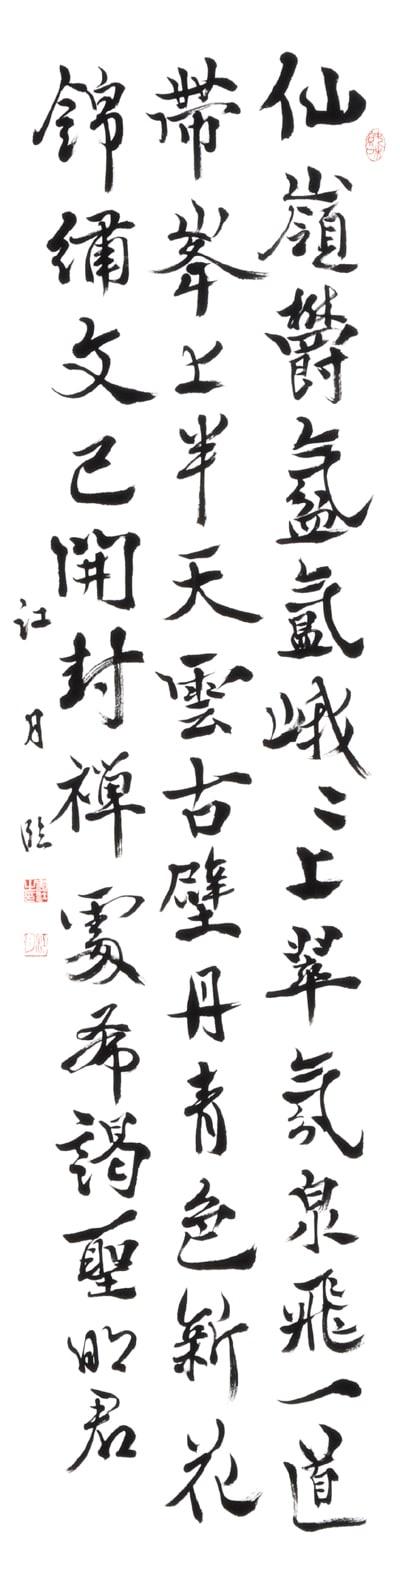 真壁江月2019全書芸展作品画像